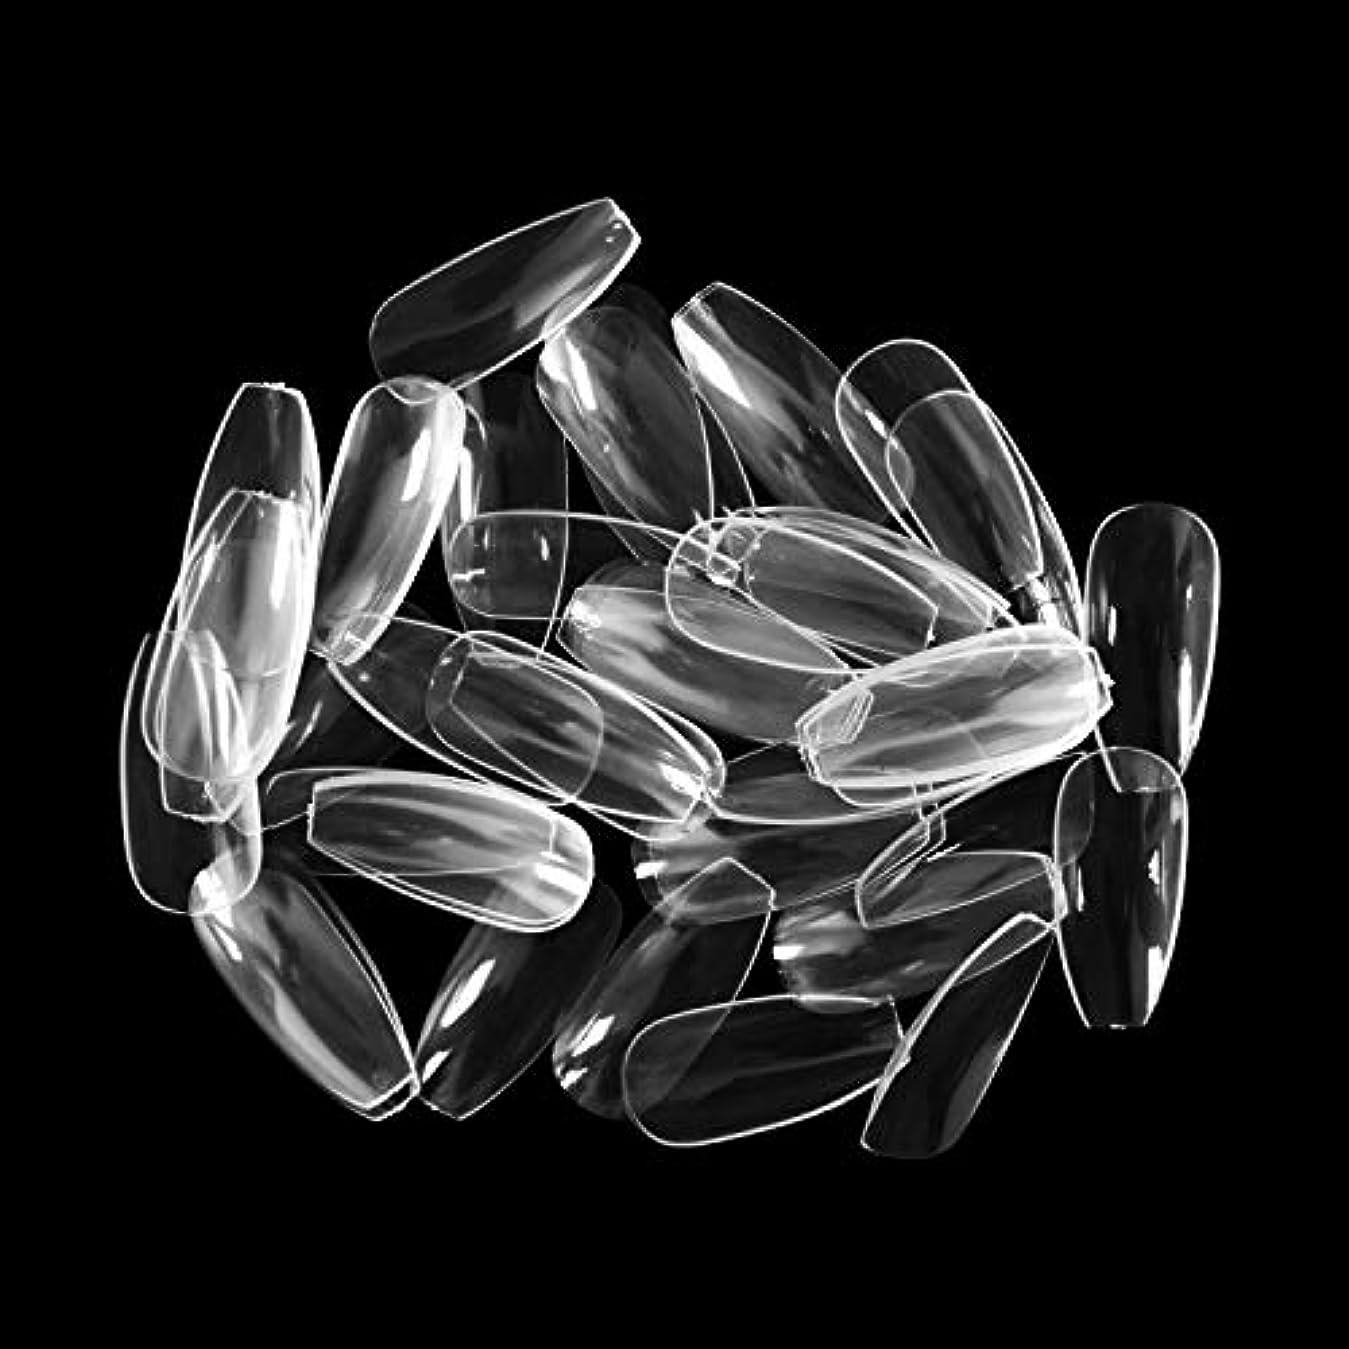 アシュリータファーマン保安無傷ネイルチップ Missct つけ爪 無地 ロング スクエア型 600枚入れ 10サイズ 爪にピッタリ 付け爪 練習用 透明 ネイル用品 デコレーション ネイルアート